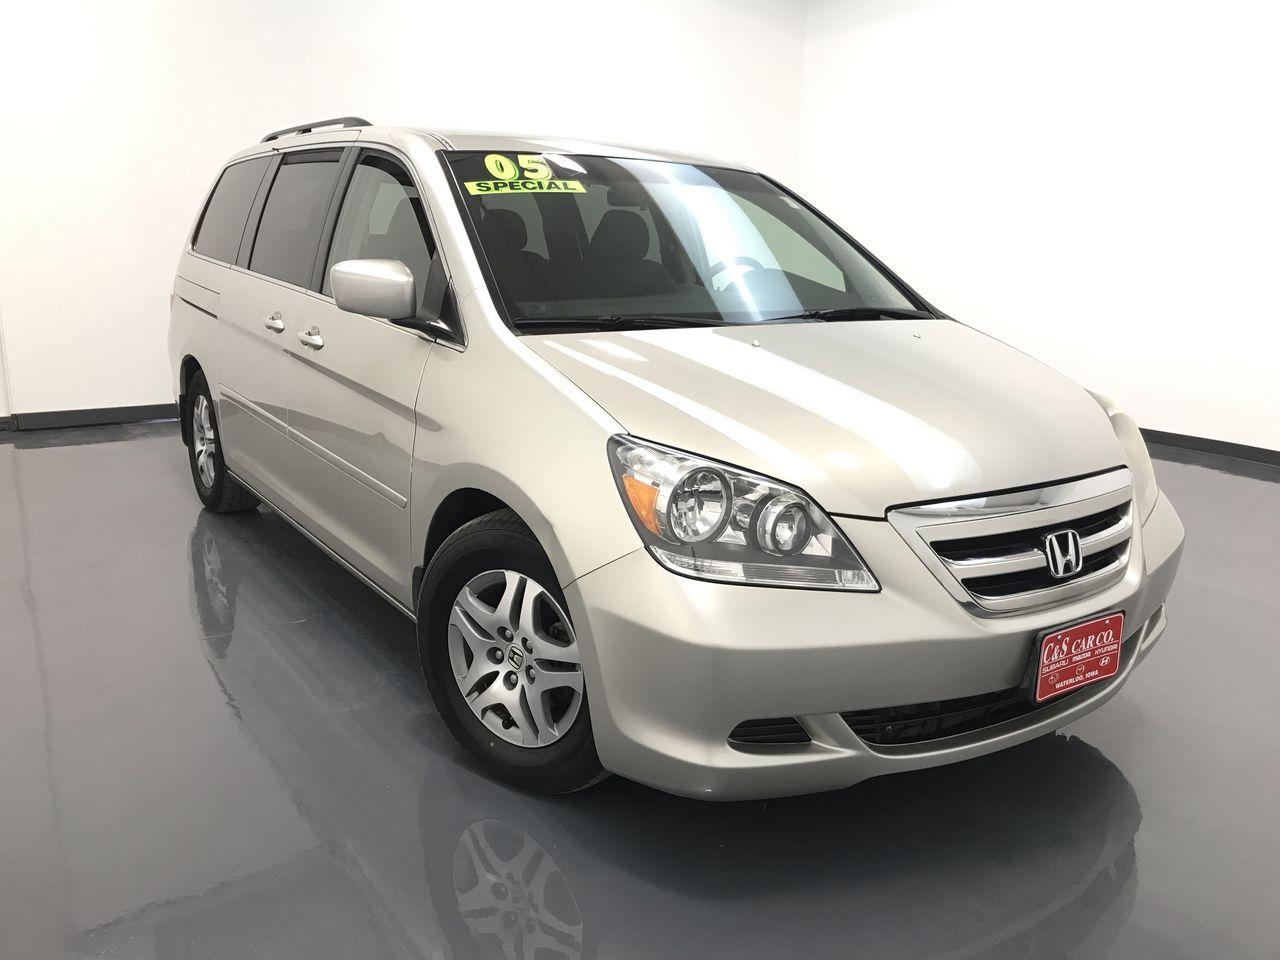 2005 Honda Odyssey Wagon  - R16409  - C & S Car Company